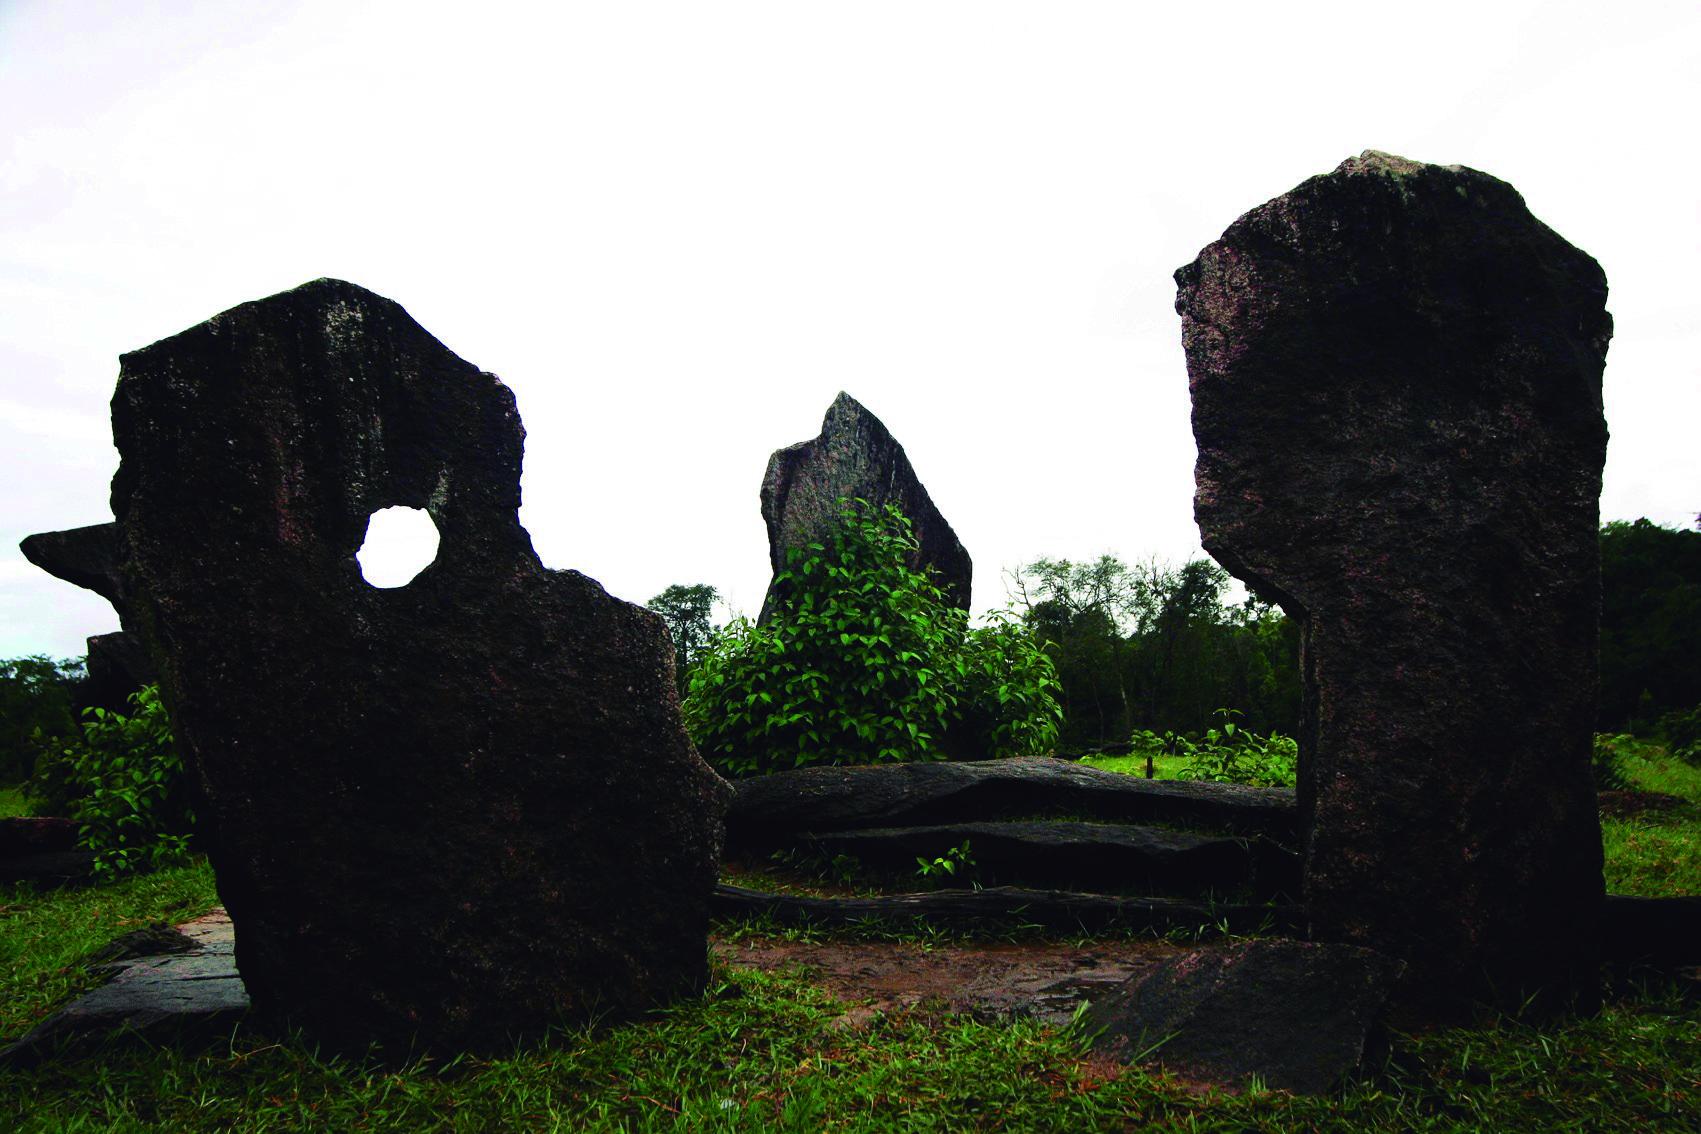 Sítio arqueológico de Rego Grande